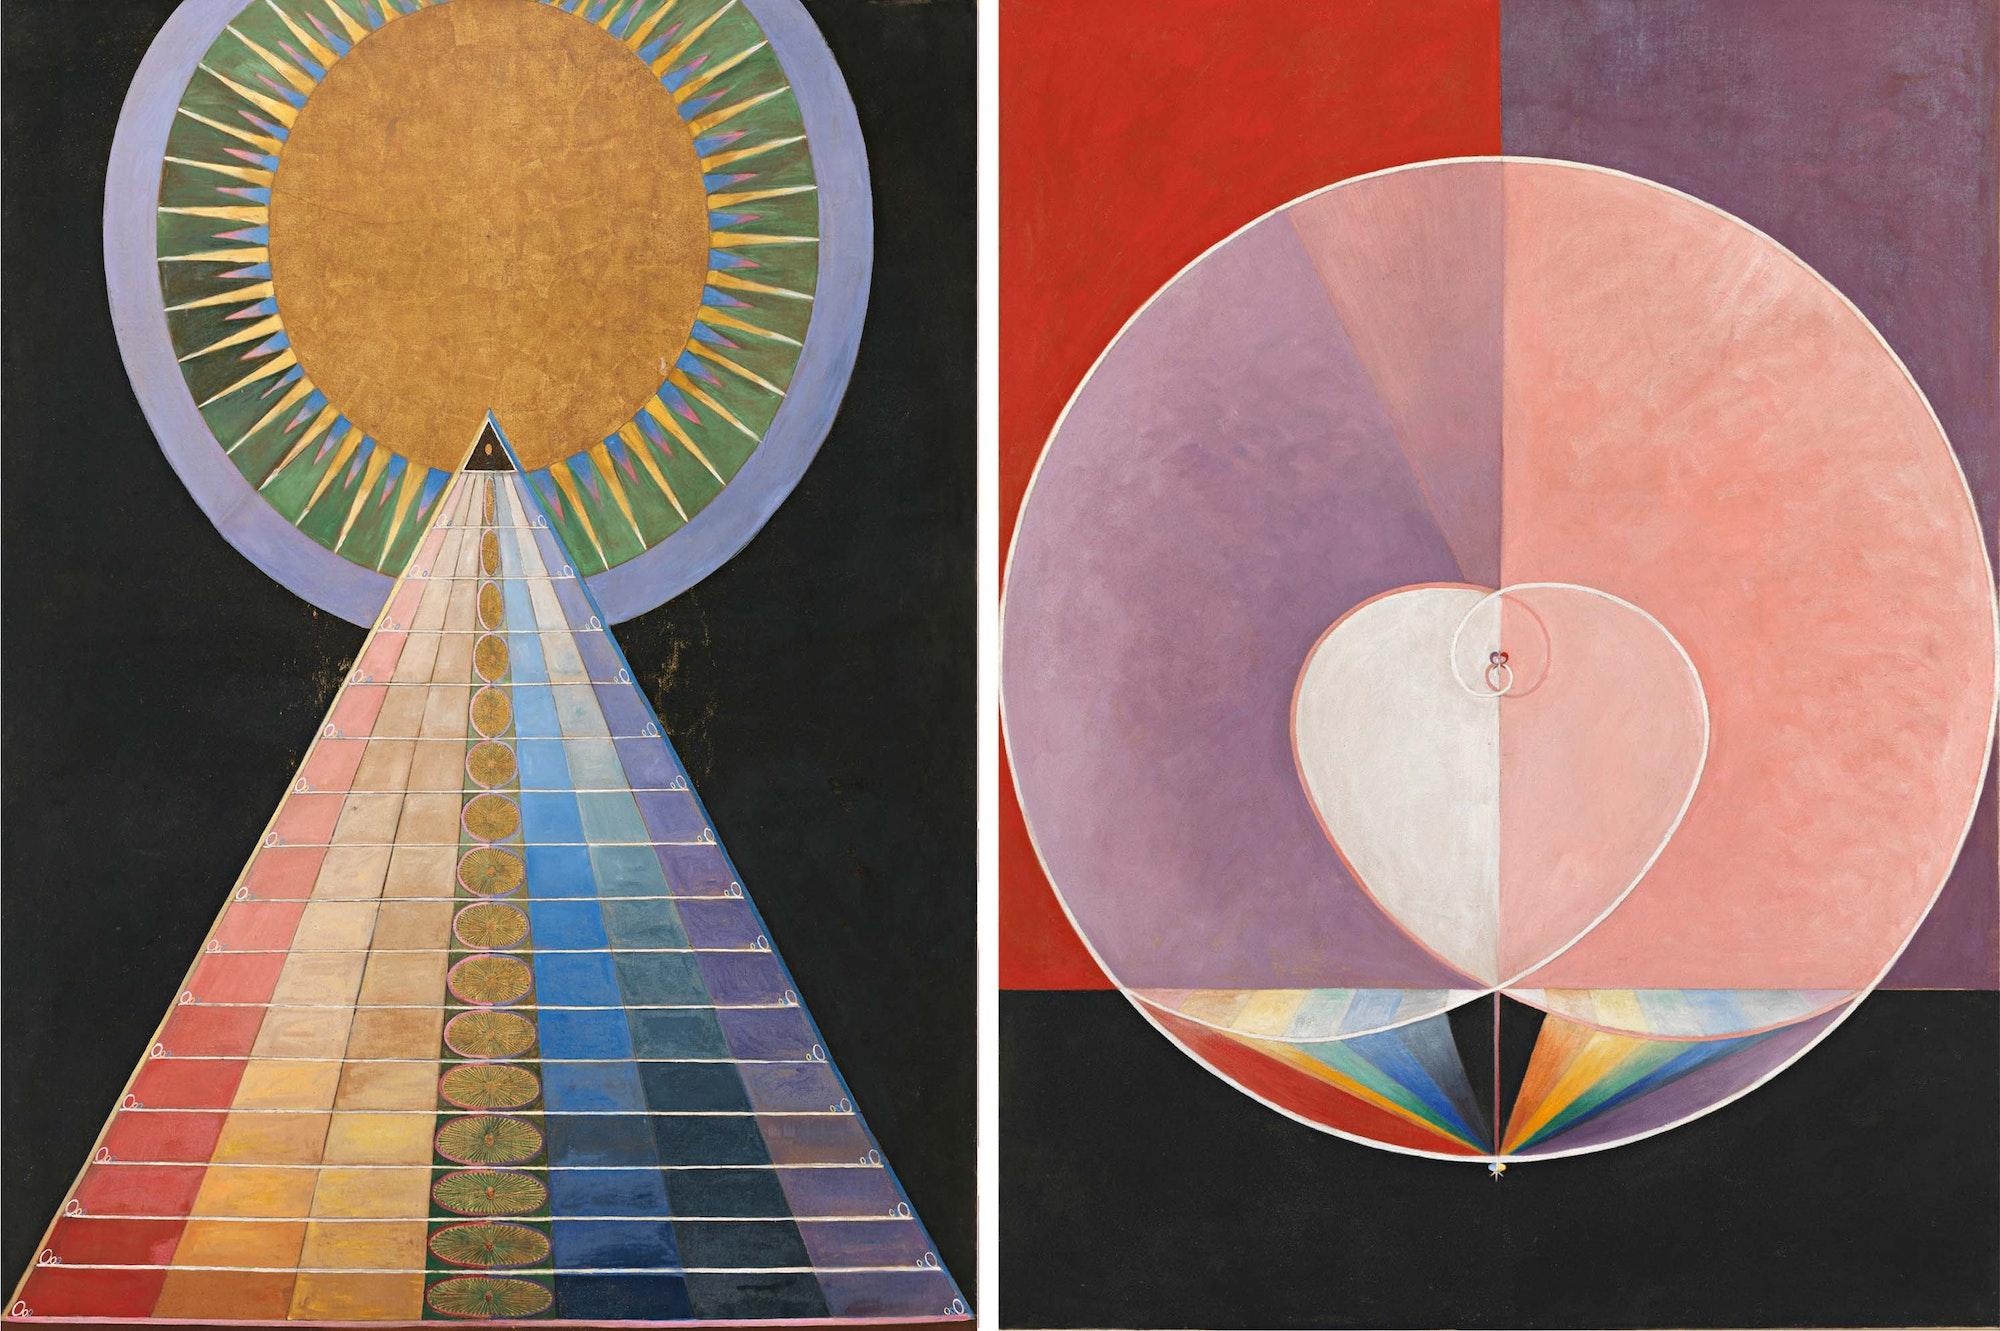 Hilma exhibition artworks